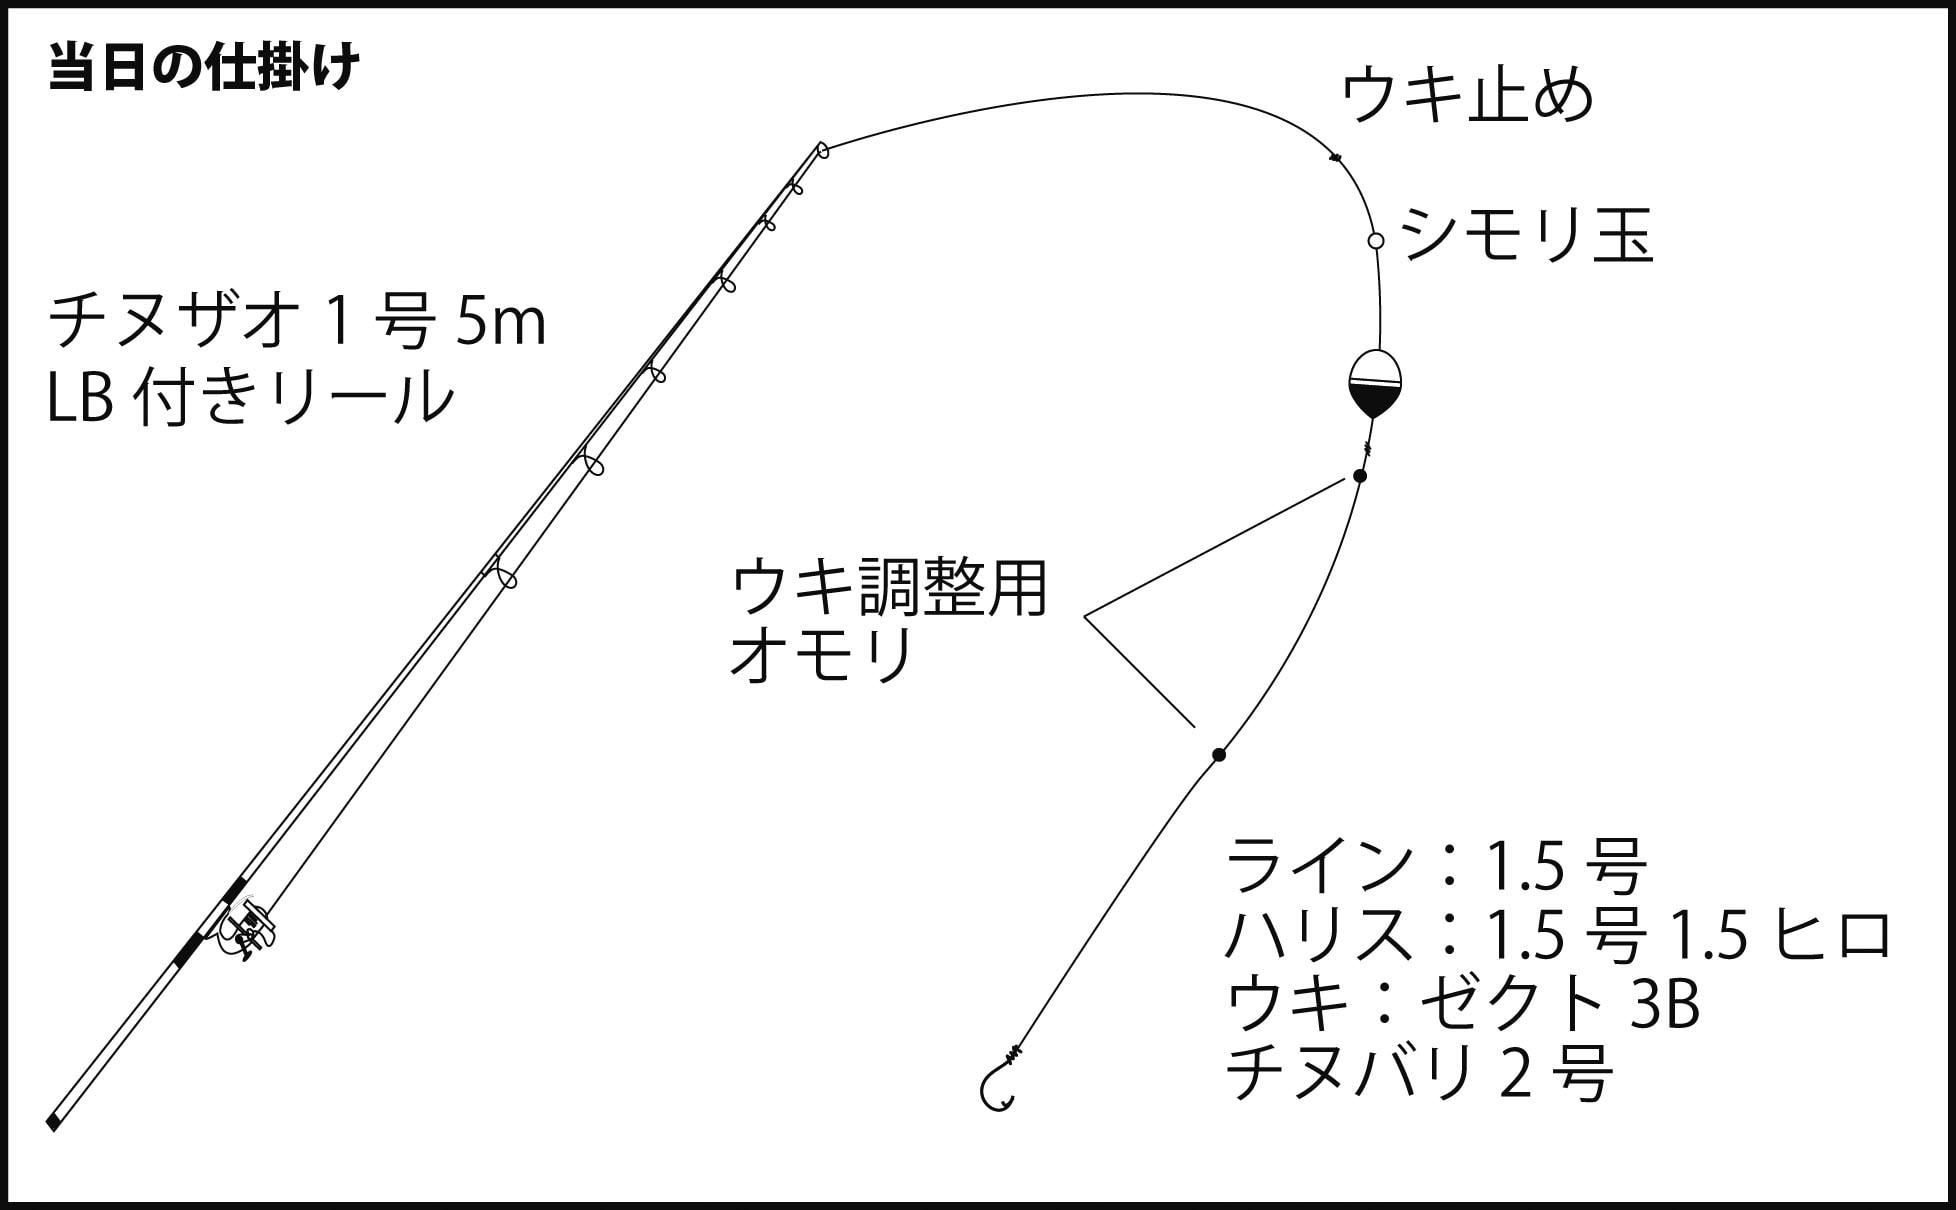 沖堤フカセ釣りで45cm頭に乗っ込みチヌ10尾!【大阪府・堺港】